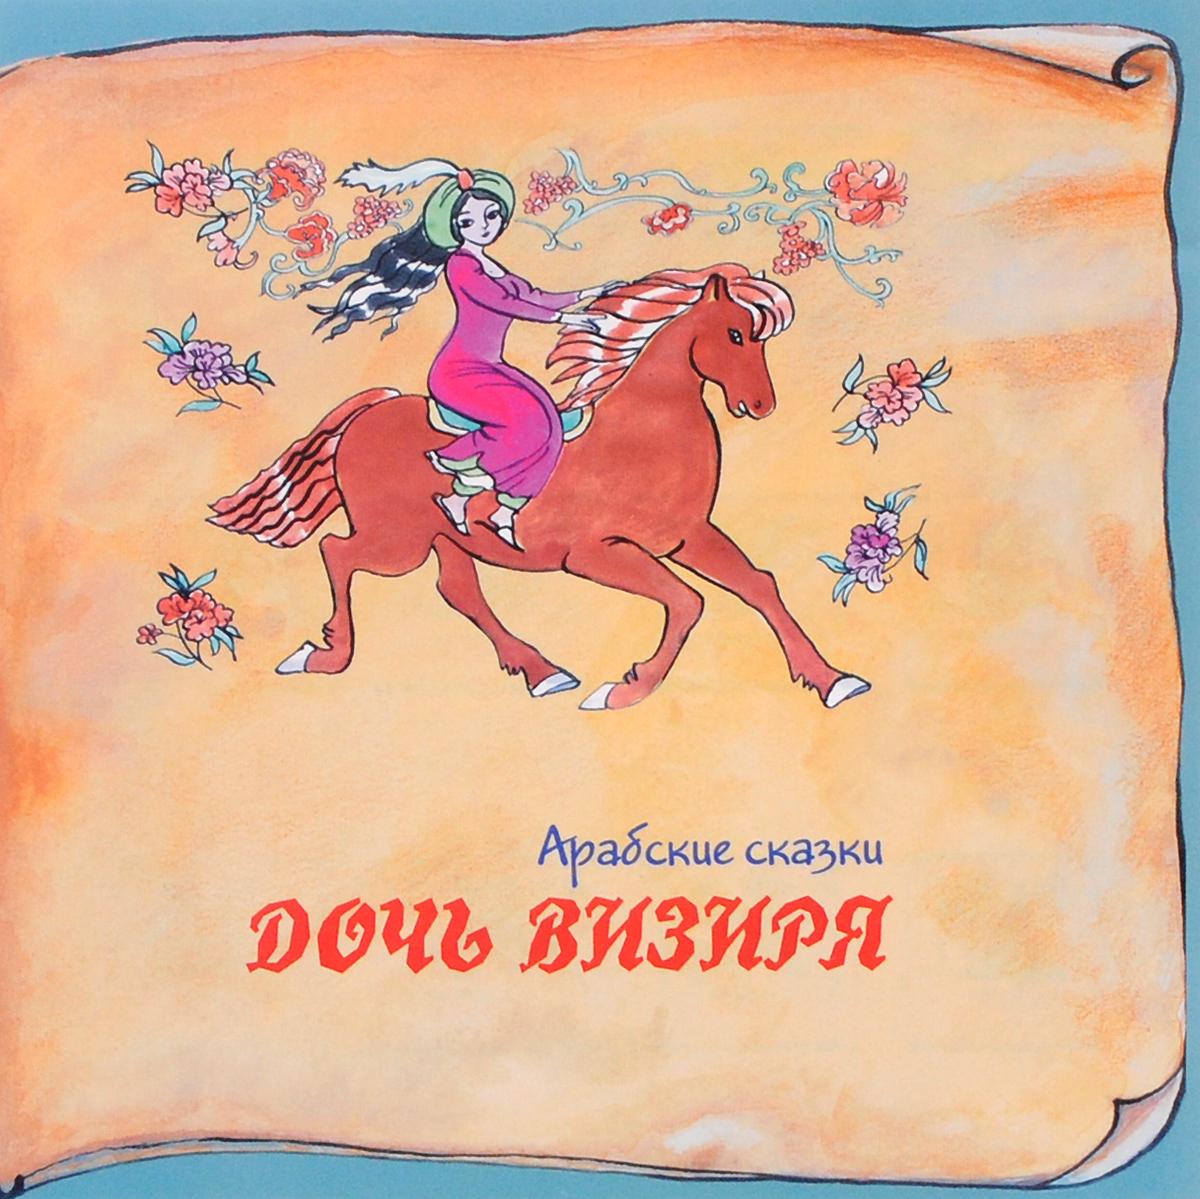 Дочь Визиря (аудиокнига CD)